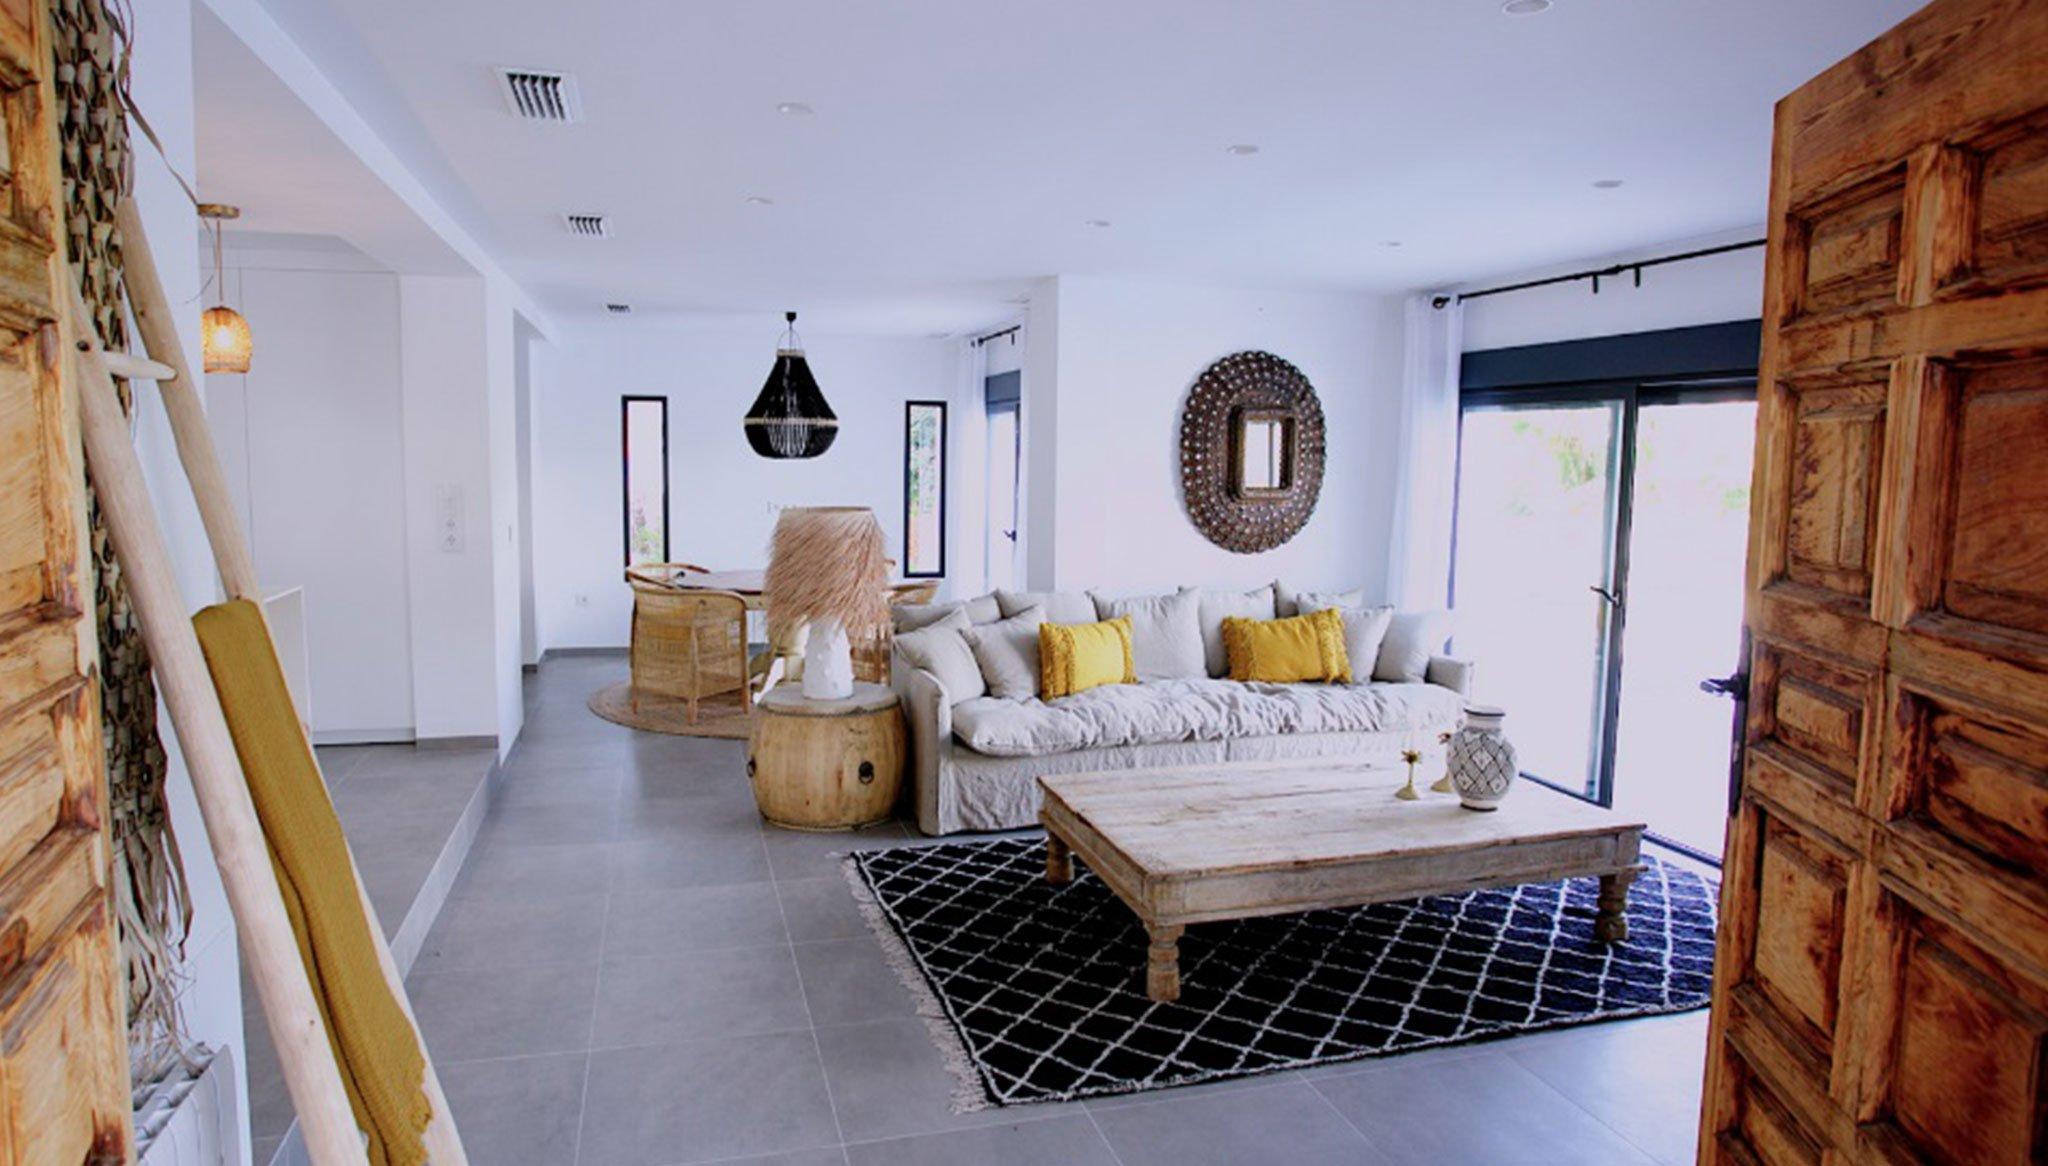 Woonkamer met grote beglazing om het licht door te laten - Fine & Country Costa Blanca Noord